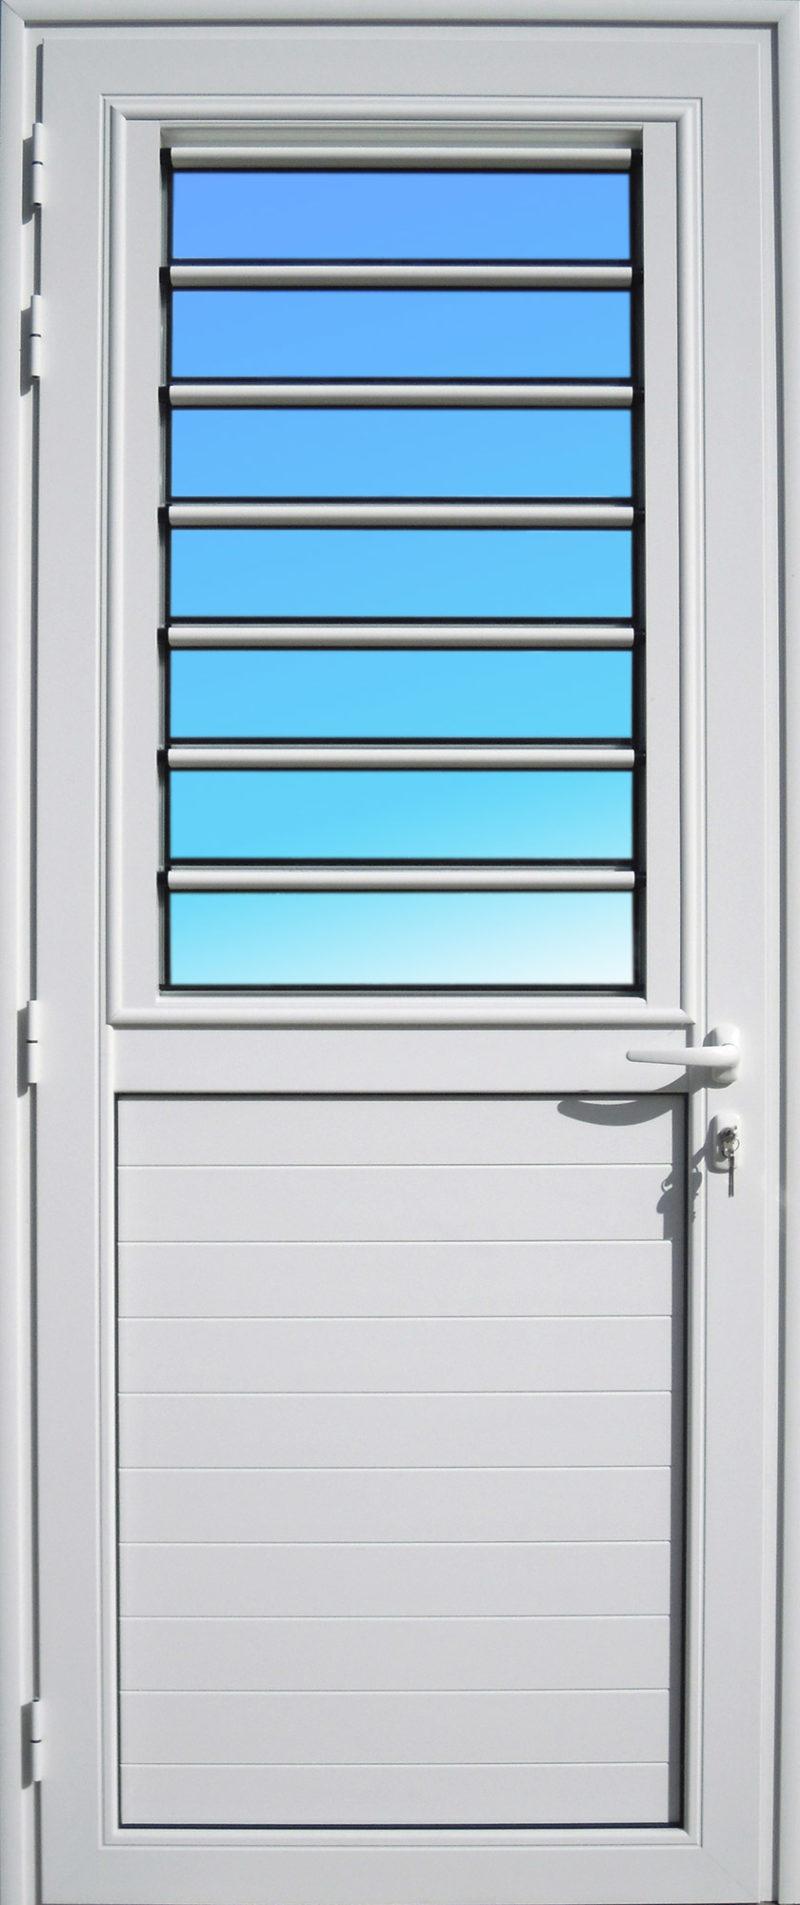 Porte aluminium laqué blanc PE15 ABD FERMETURES de la gamme Alizés, avec jalousie fixe en lames de verre.